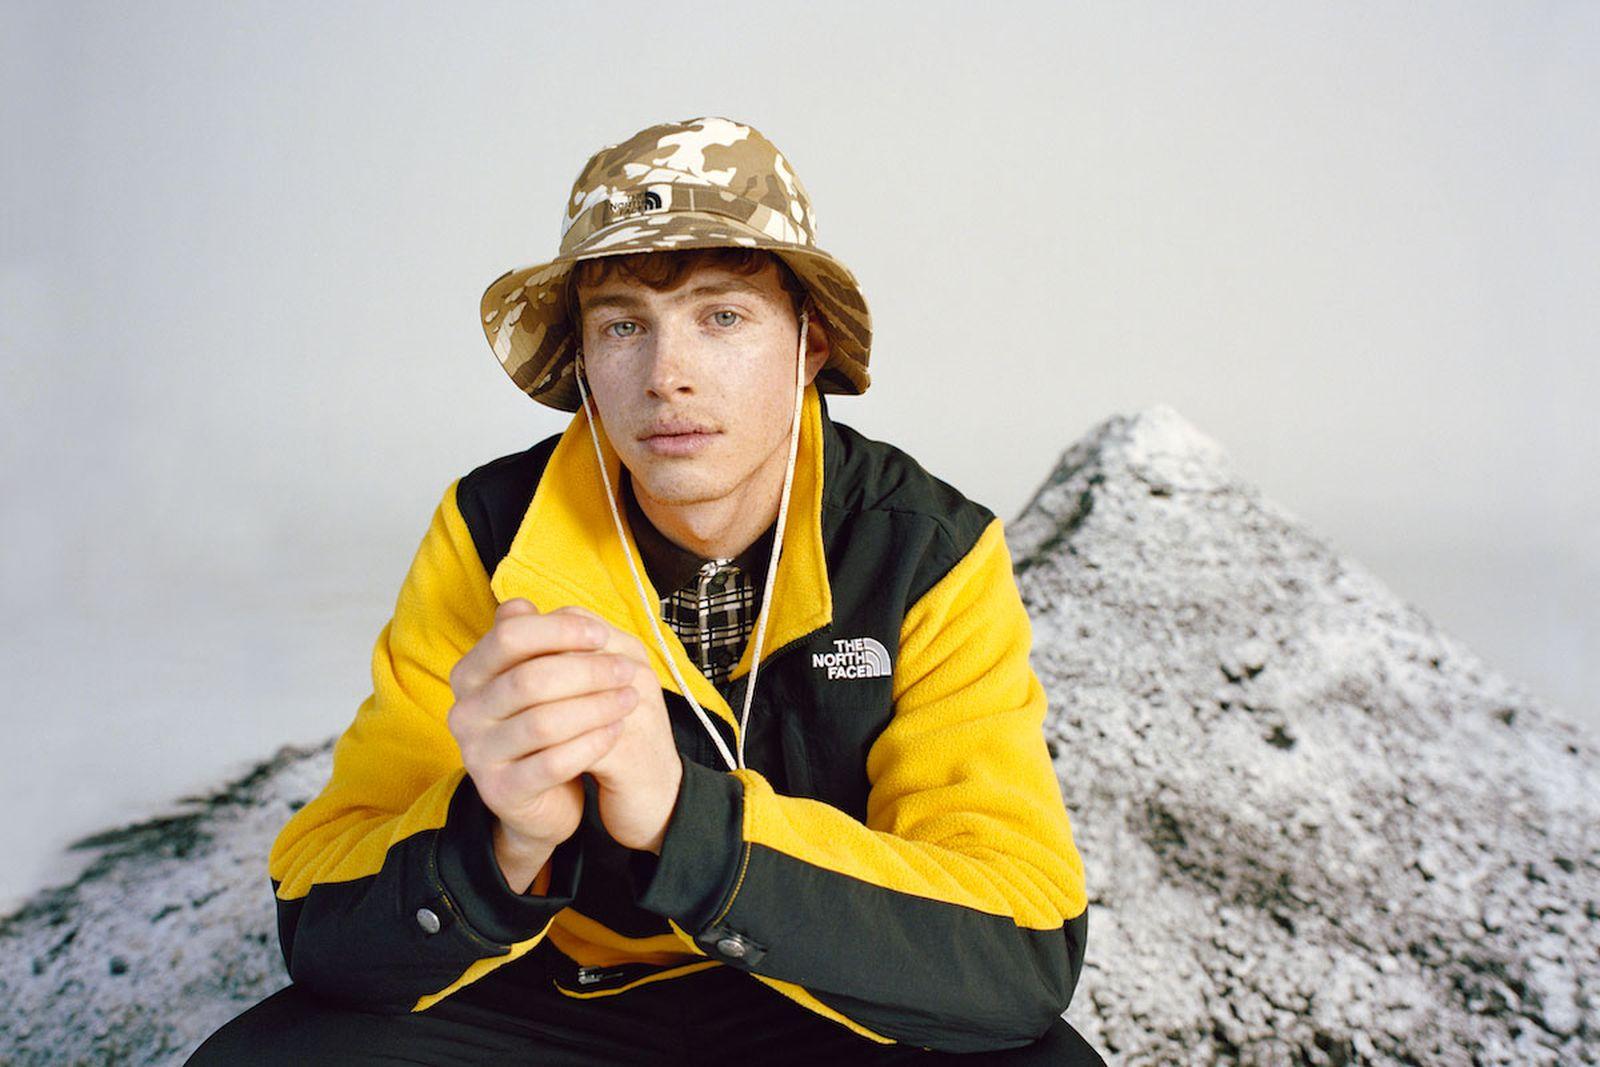 The North Face 95 Retro Denali